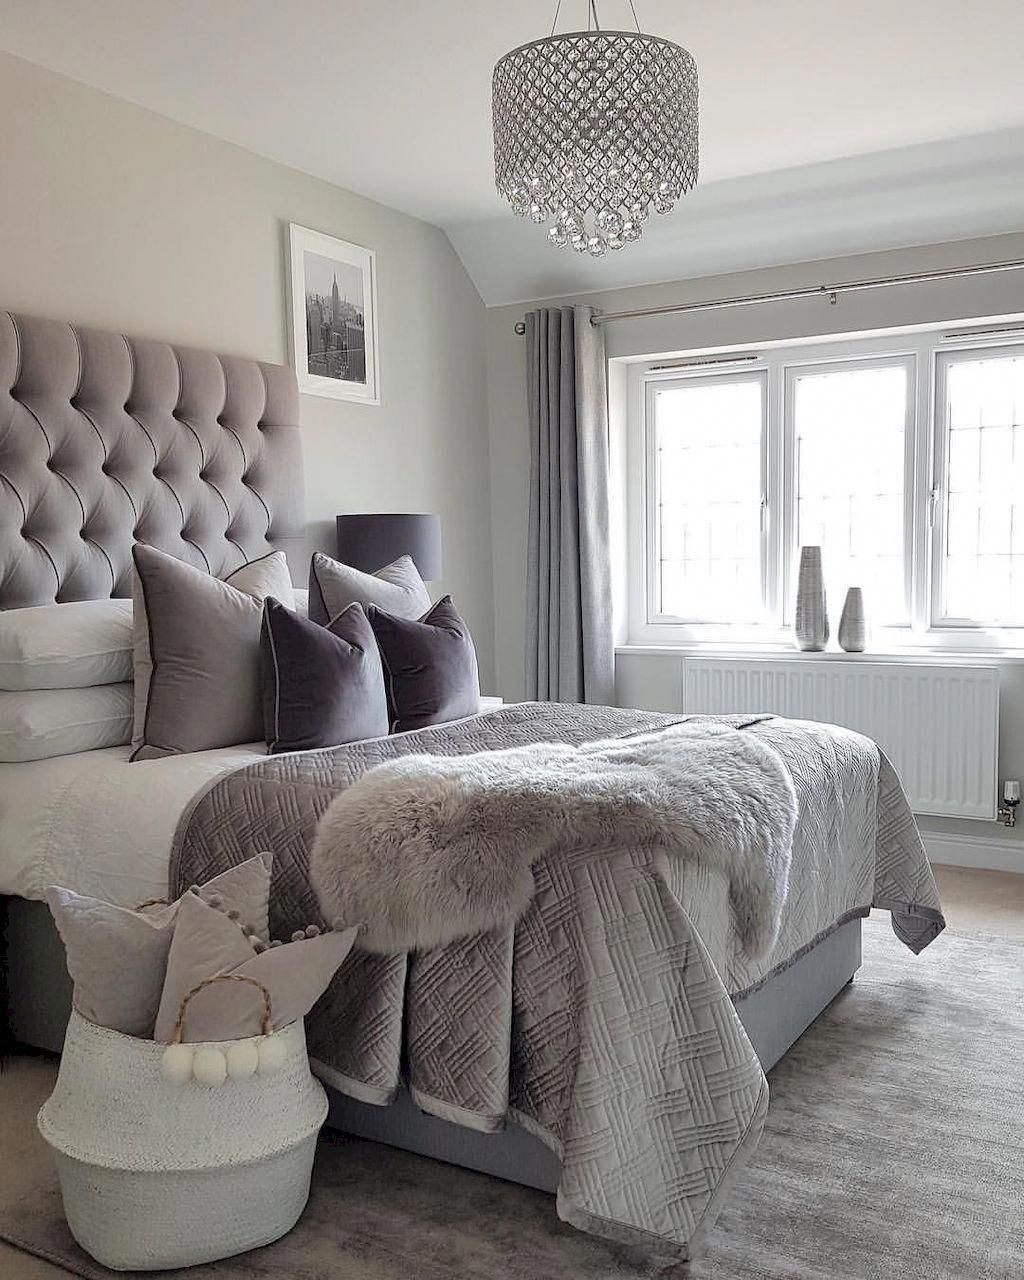 #bedroomdesign in 2020 | Master bedrooms decor, Elegant ...